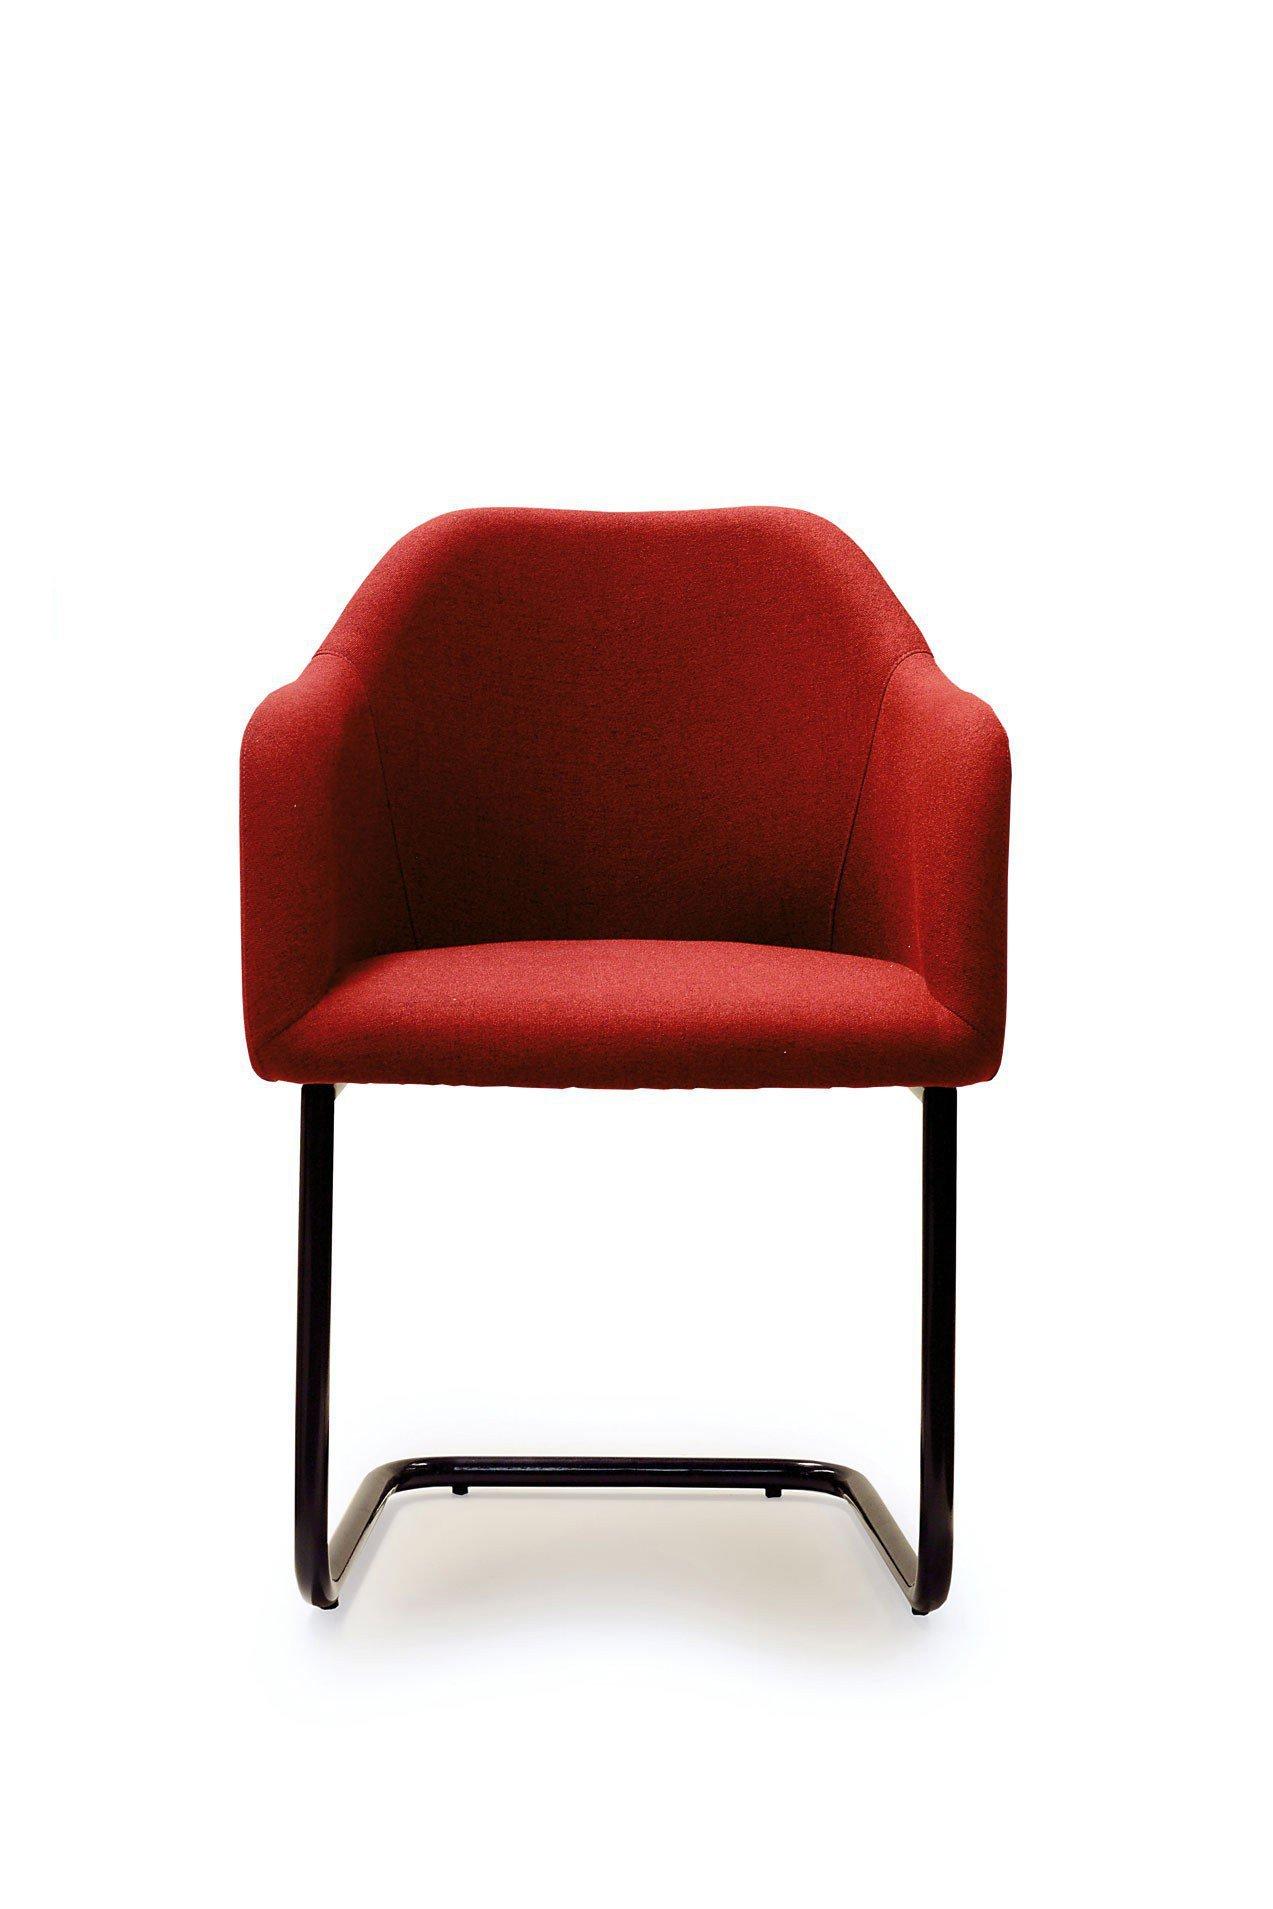 standard furniture stuhl theo in rot m bel letz ihr online shop. Black Bedroom Furniture Sets. Home Design Ideas